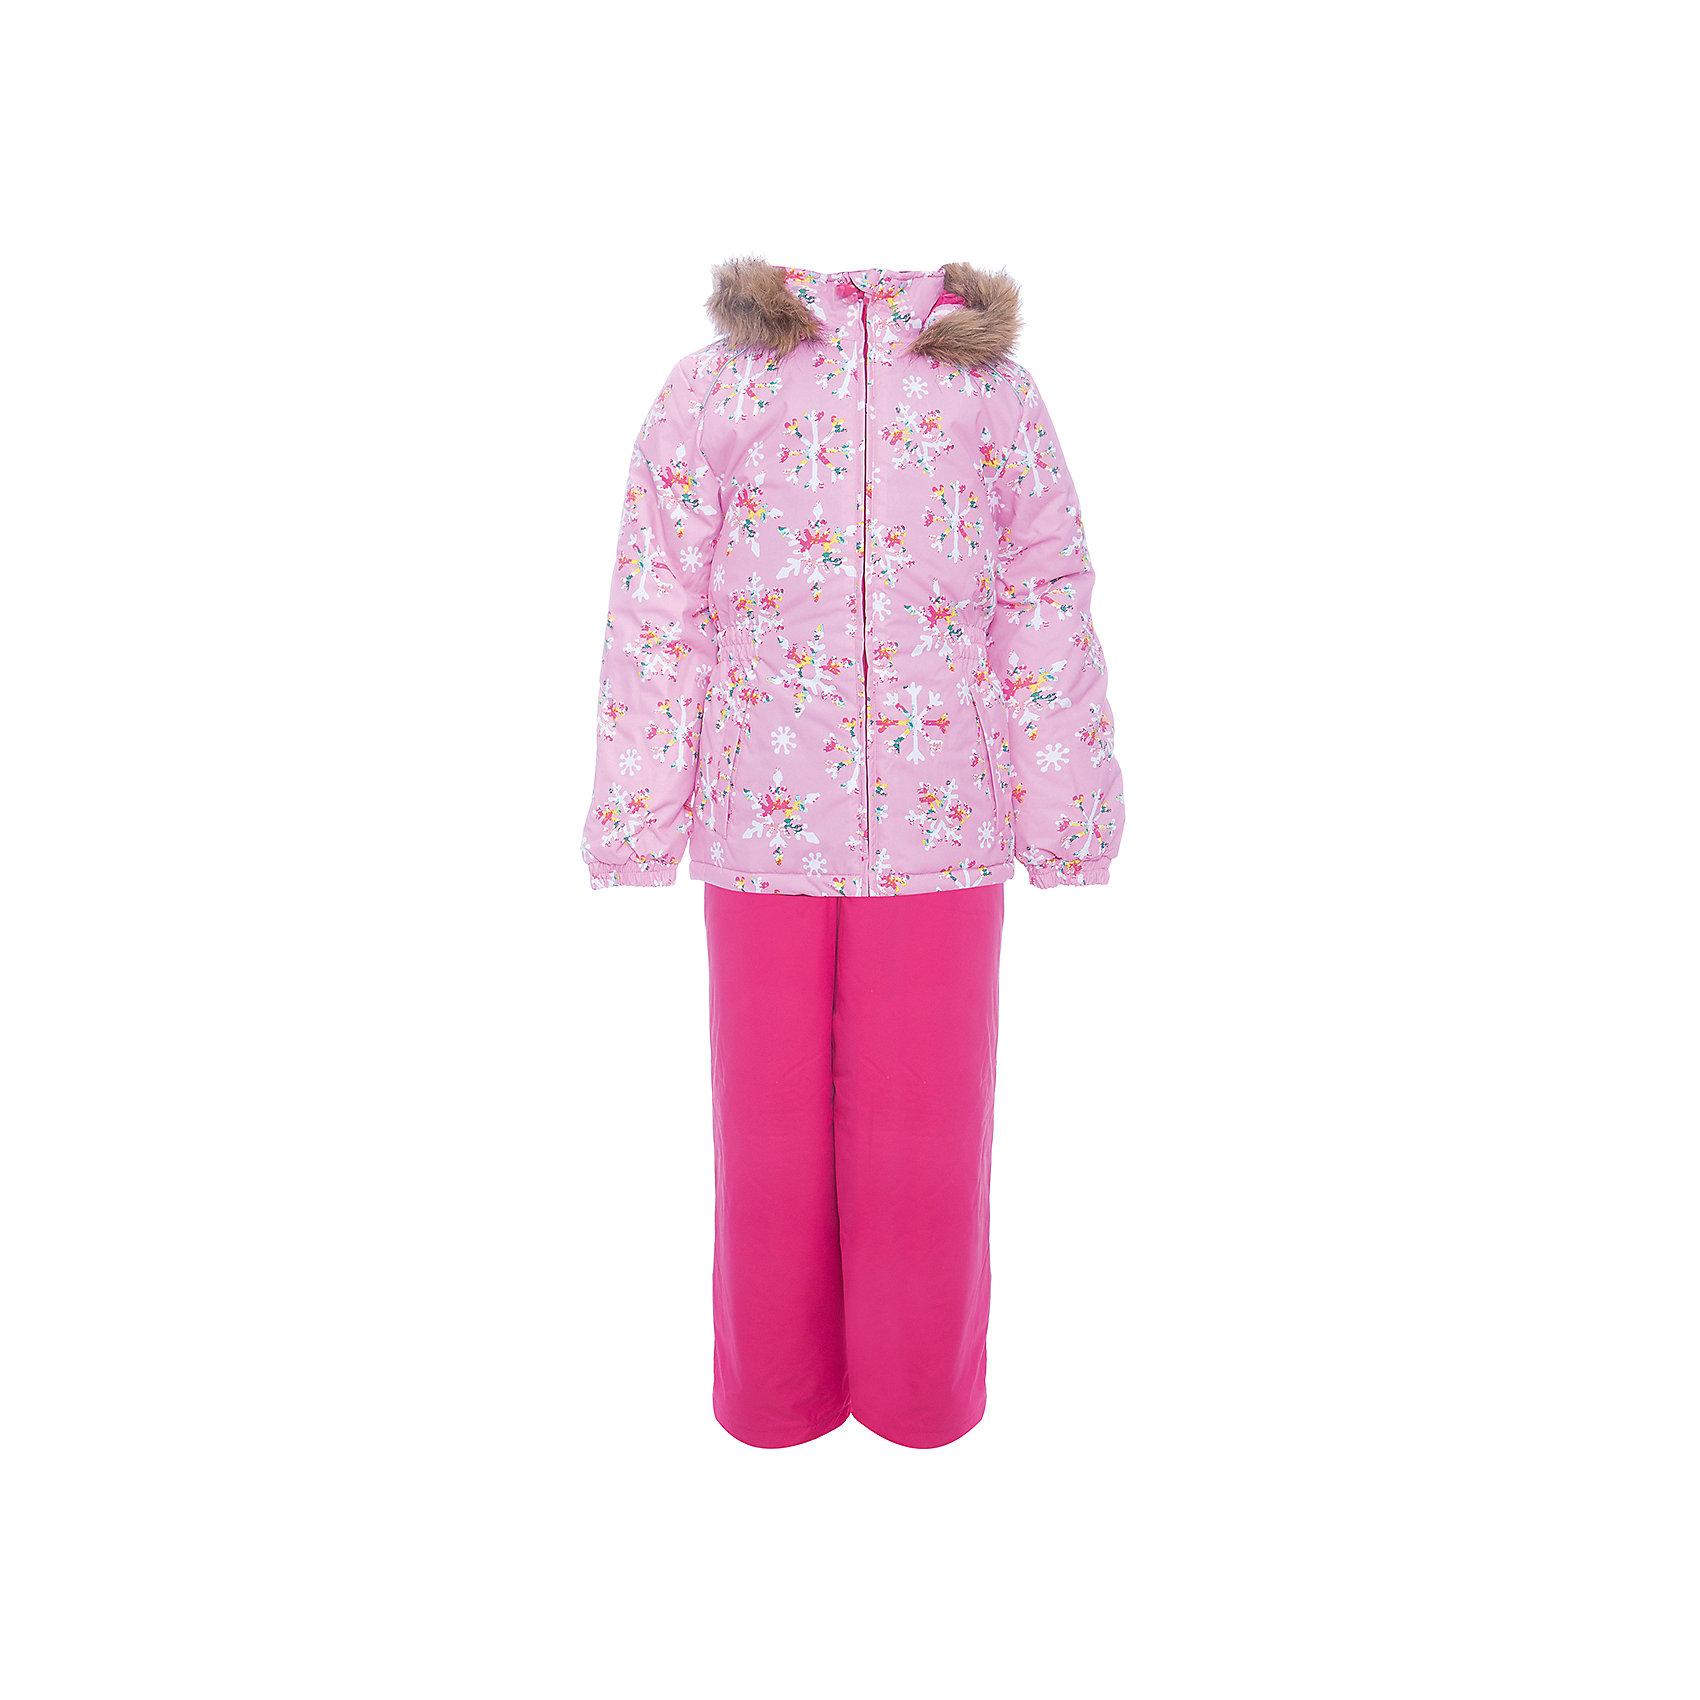 Комплект: куртка и брюки WONDER Huppa для девочкиВерхняя одежда<br>Комплект для девочек WONDER.Водо и воздухонепроницаемость  10 000.Утеплитель 300 гр куртка/160 гр брюки.Подкладка тафта, флис 100% полиэстер.Отстегивающийся капюшон с мехом.Манжеты рукавов на резинке.Регулируемые низы.Внутренняя снегозащита брюк.Швы проклеены.Резиновые подтяжки.Имеются светоотражательные элементы.<br>Состав:<br>100% Полиэстер<br><br>Ширина мм: 356<br>Глубина мм: 10<br>Высота мм: 245<br>Вес г: 519<br>Цвет: розовый<br>Возраст от месяцев: 108<br>Возраст до месяцев: 120<br>Пол: Женский<br>Возраст: Детский<br>Размер: 140,92,98,104,110,116,122,128,134<br>SKU: 7027098